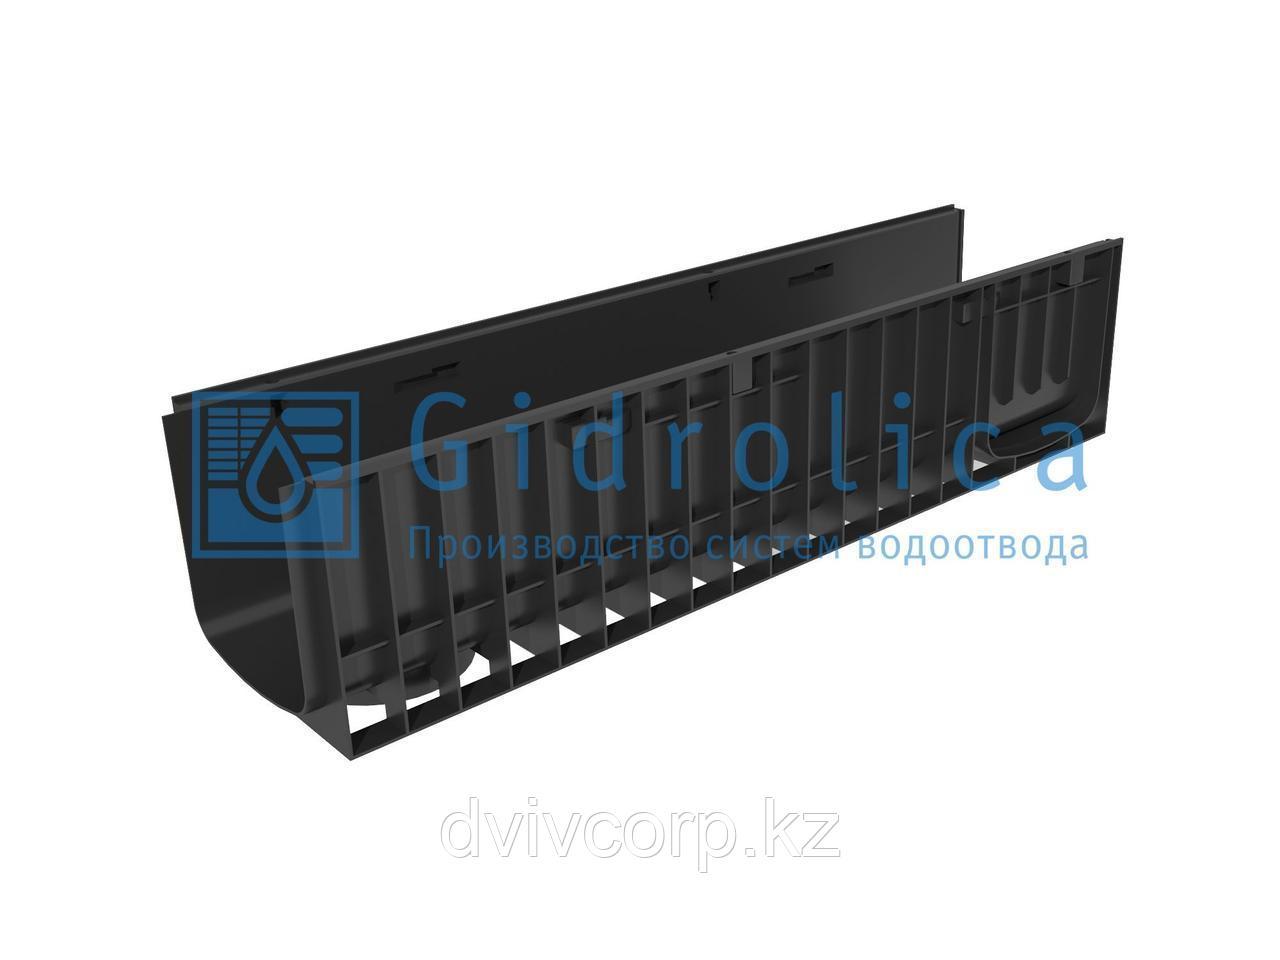 Арт. 822 Лоток водоотводный Gidrolica Standart ЛВ-20.24,6.23,5 - пластиковый